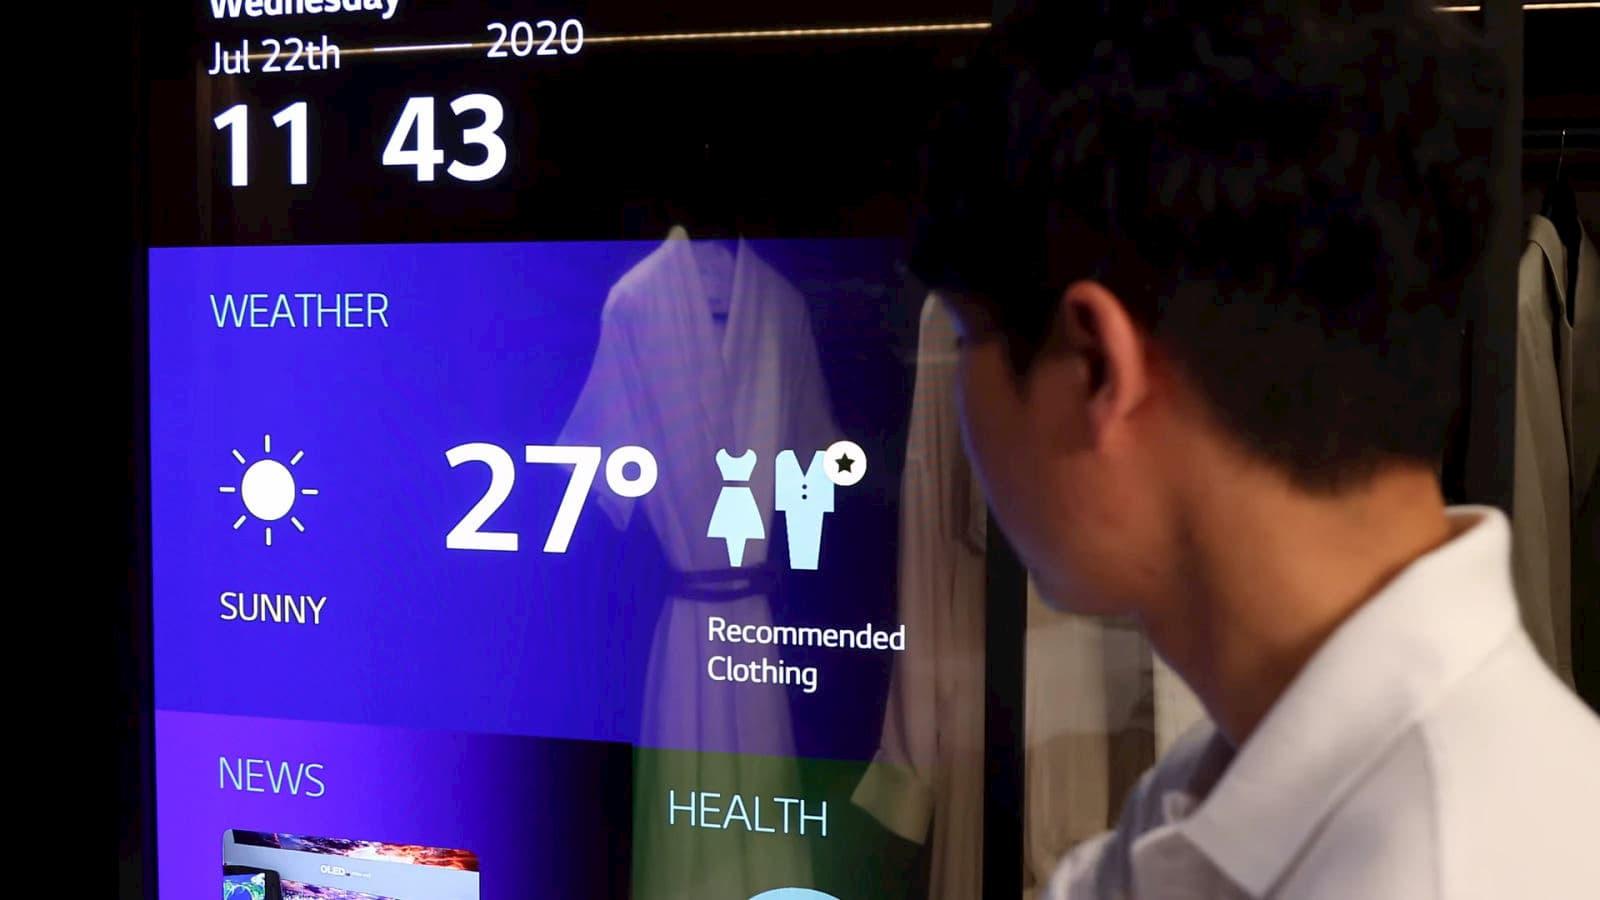 Conceito de tela transparente da LG